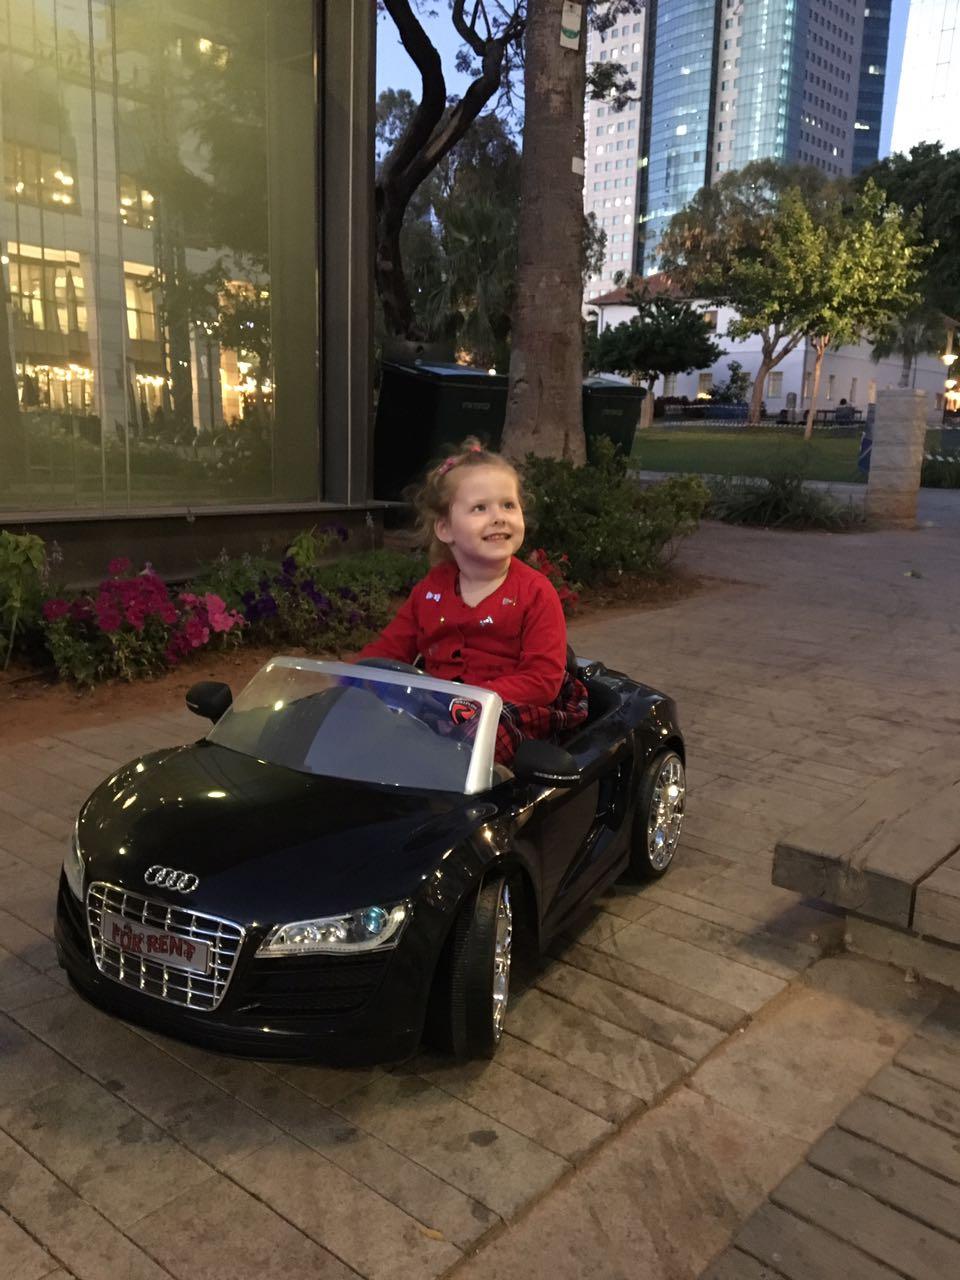 כל אחד והרכב שלו, כעת תוכלו לטייל בשקט בפארק שרונה -הרכב לילדך!